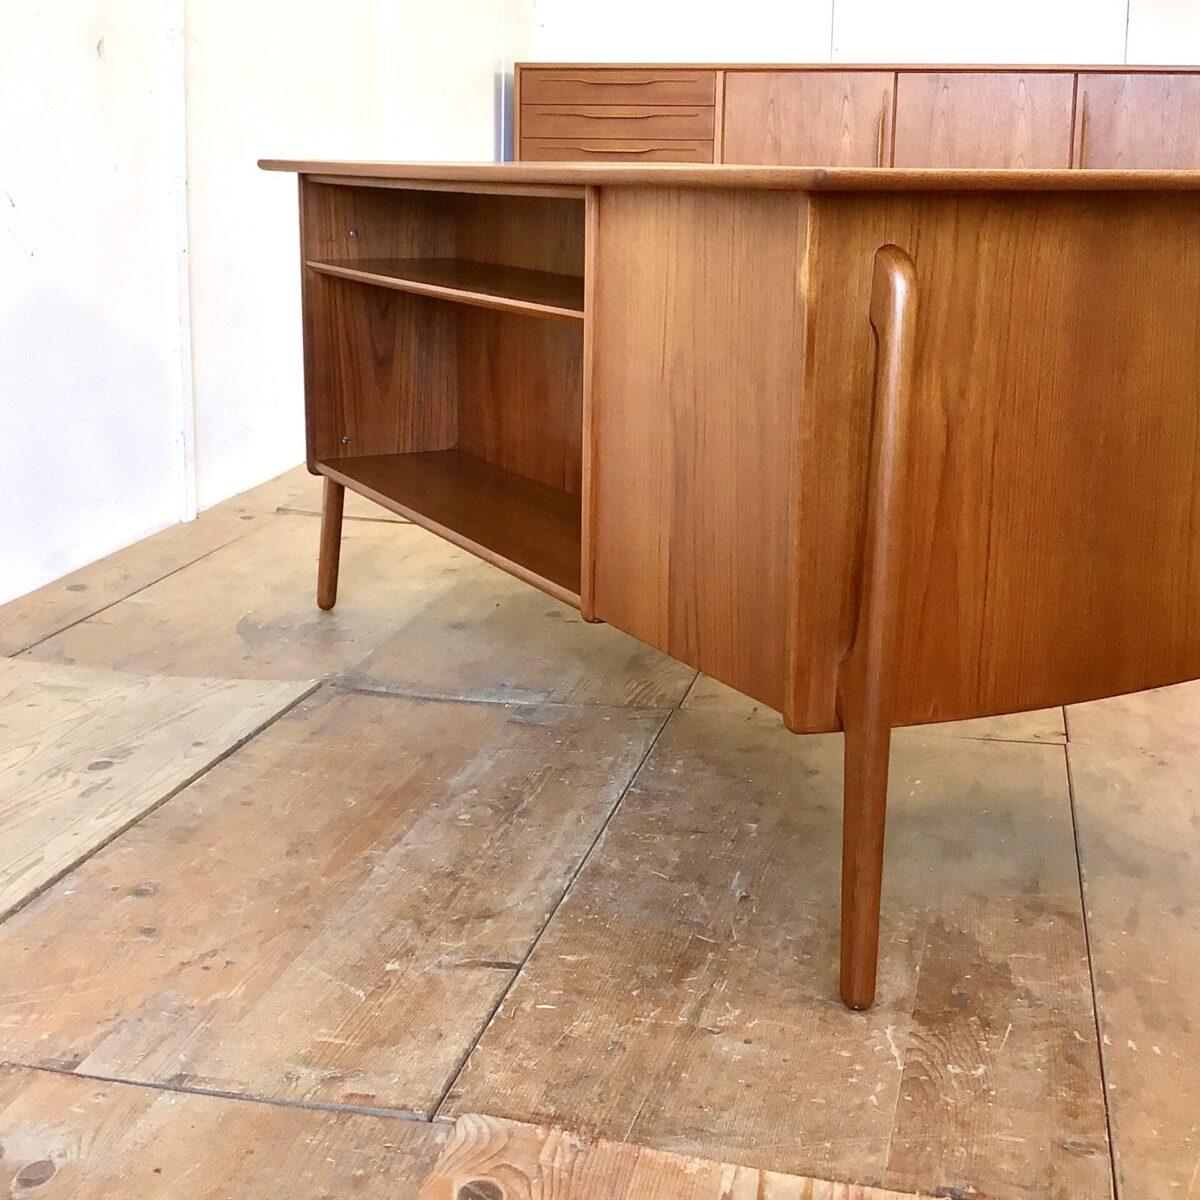 Dänischer Teak Schreibtisch von Svend Åge Madsen für Sigurd Hansen. 156x76cm Höhe 72cm. Dieser Teak Tisch aus den 50er Jahren ist in sehr gutem Zustand und rundherum hochwertig verarbeitet. Einzig auf dem Tischblatt gibt es, im Bereich einer Schreibunterlage, ein farblicher Unterschied.